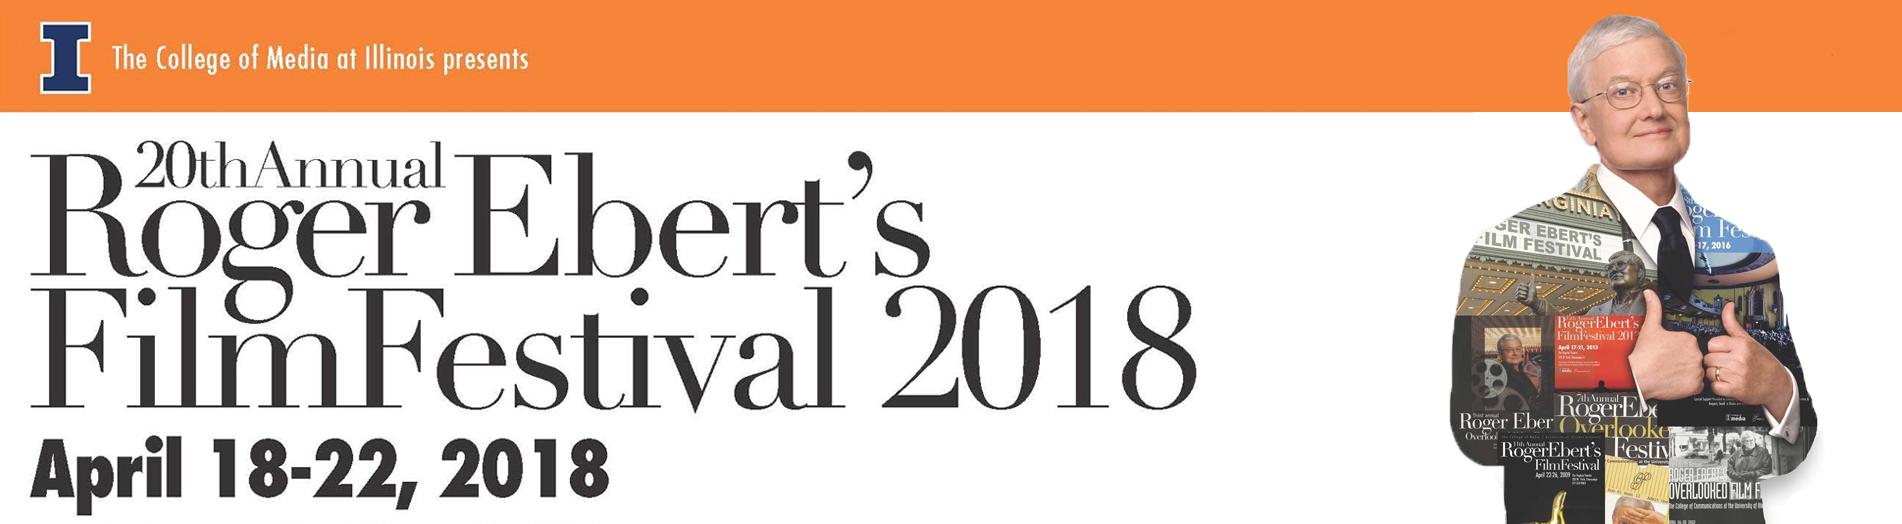 Ebertfest-Slider